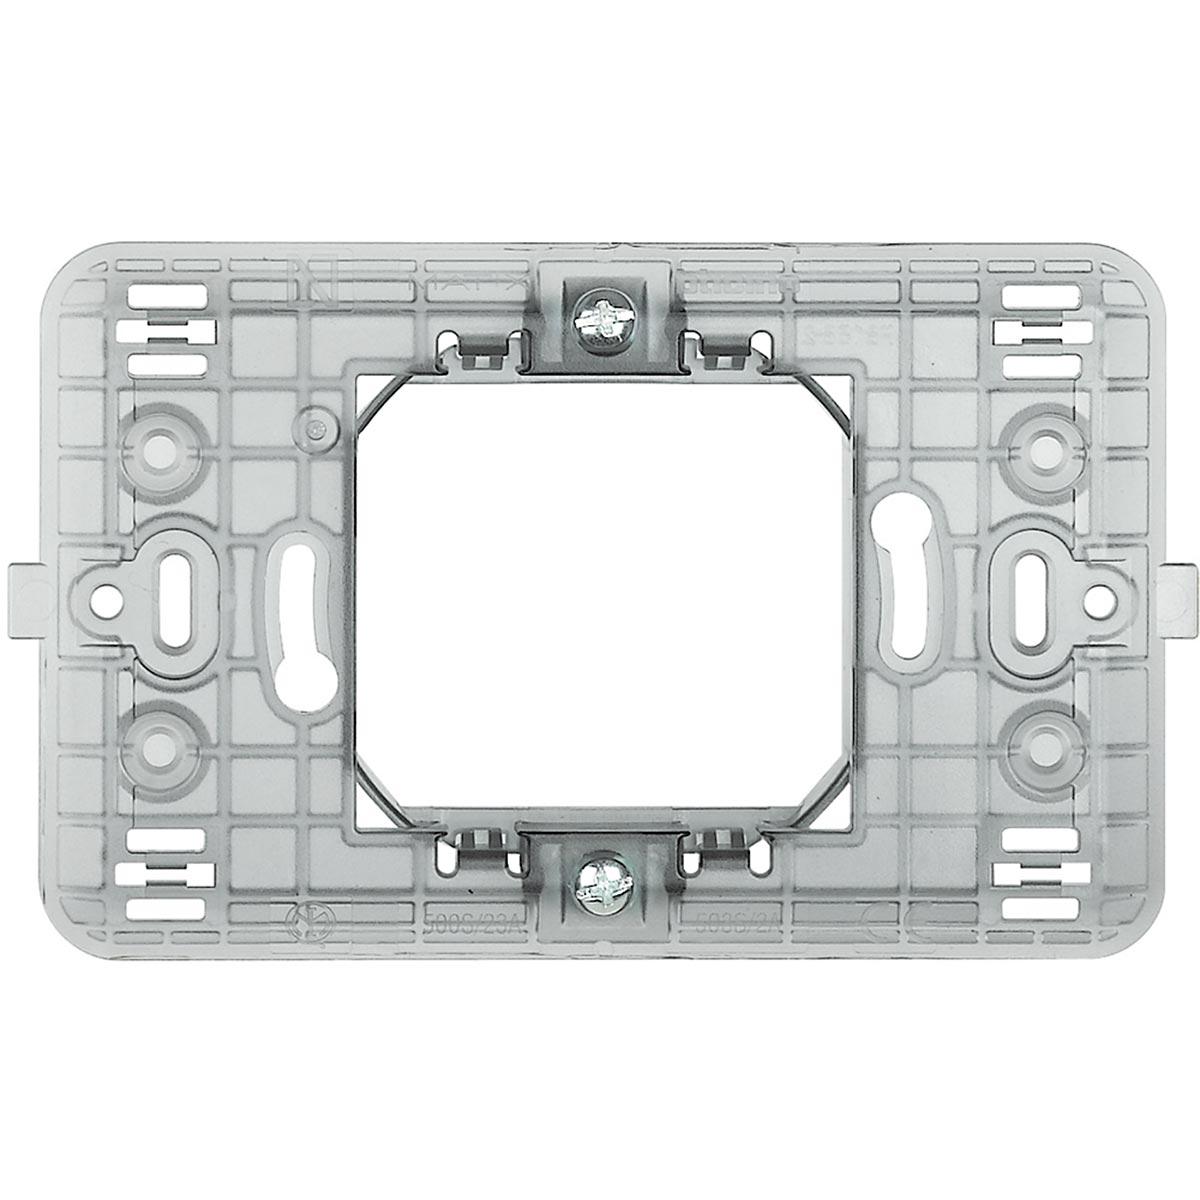 Supporto 2 Moduli Centrali Bticino Matix 500sS23A